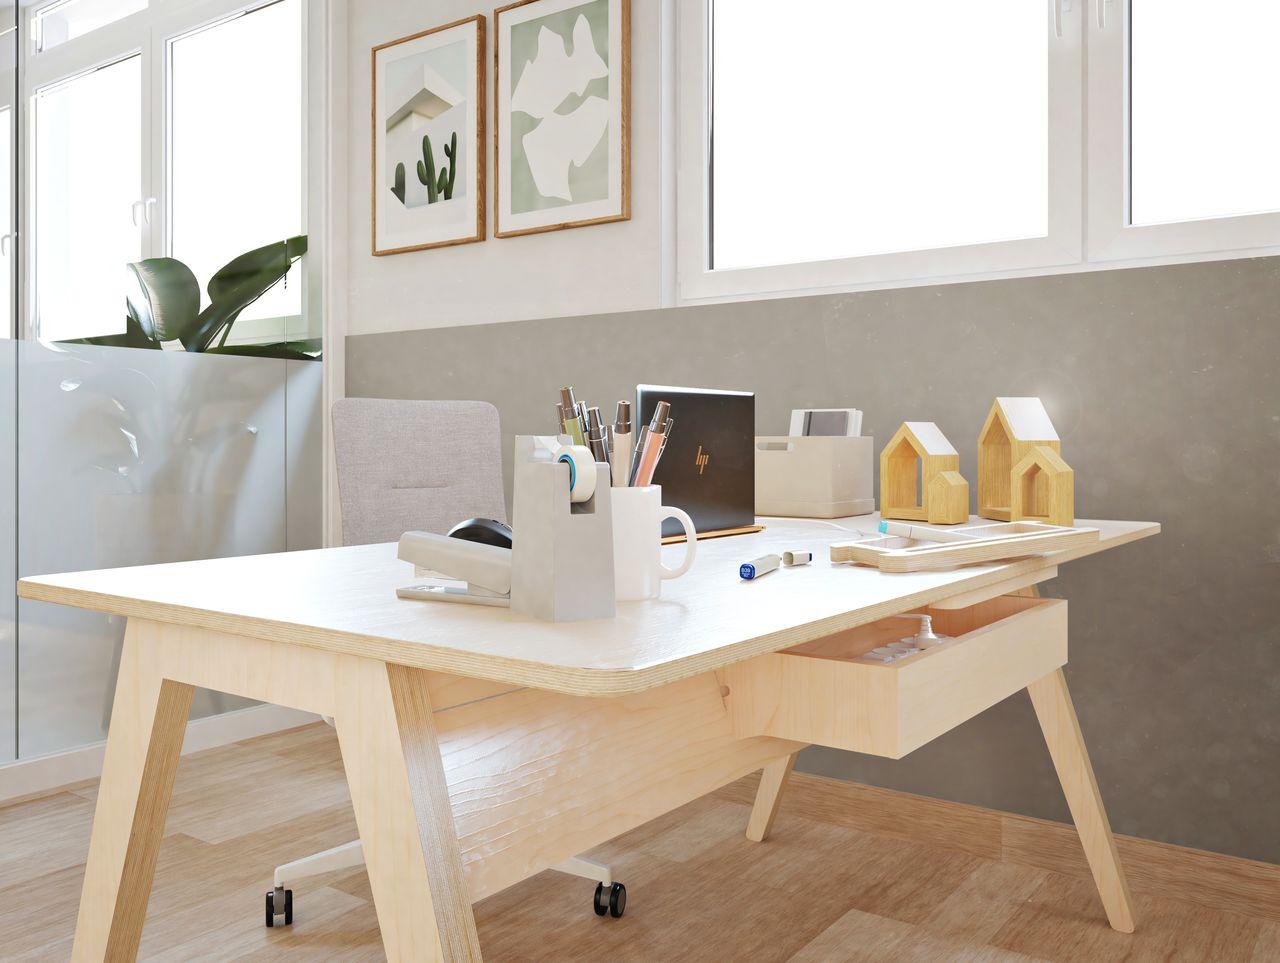 Bureau simple bois pour travailler seul sur l'ordinateur disposé dans un environnement de travail au style bohème et ethnique à la décoration moderne et végétale